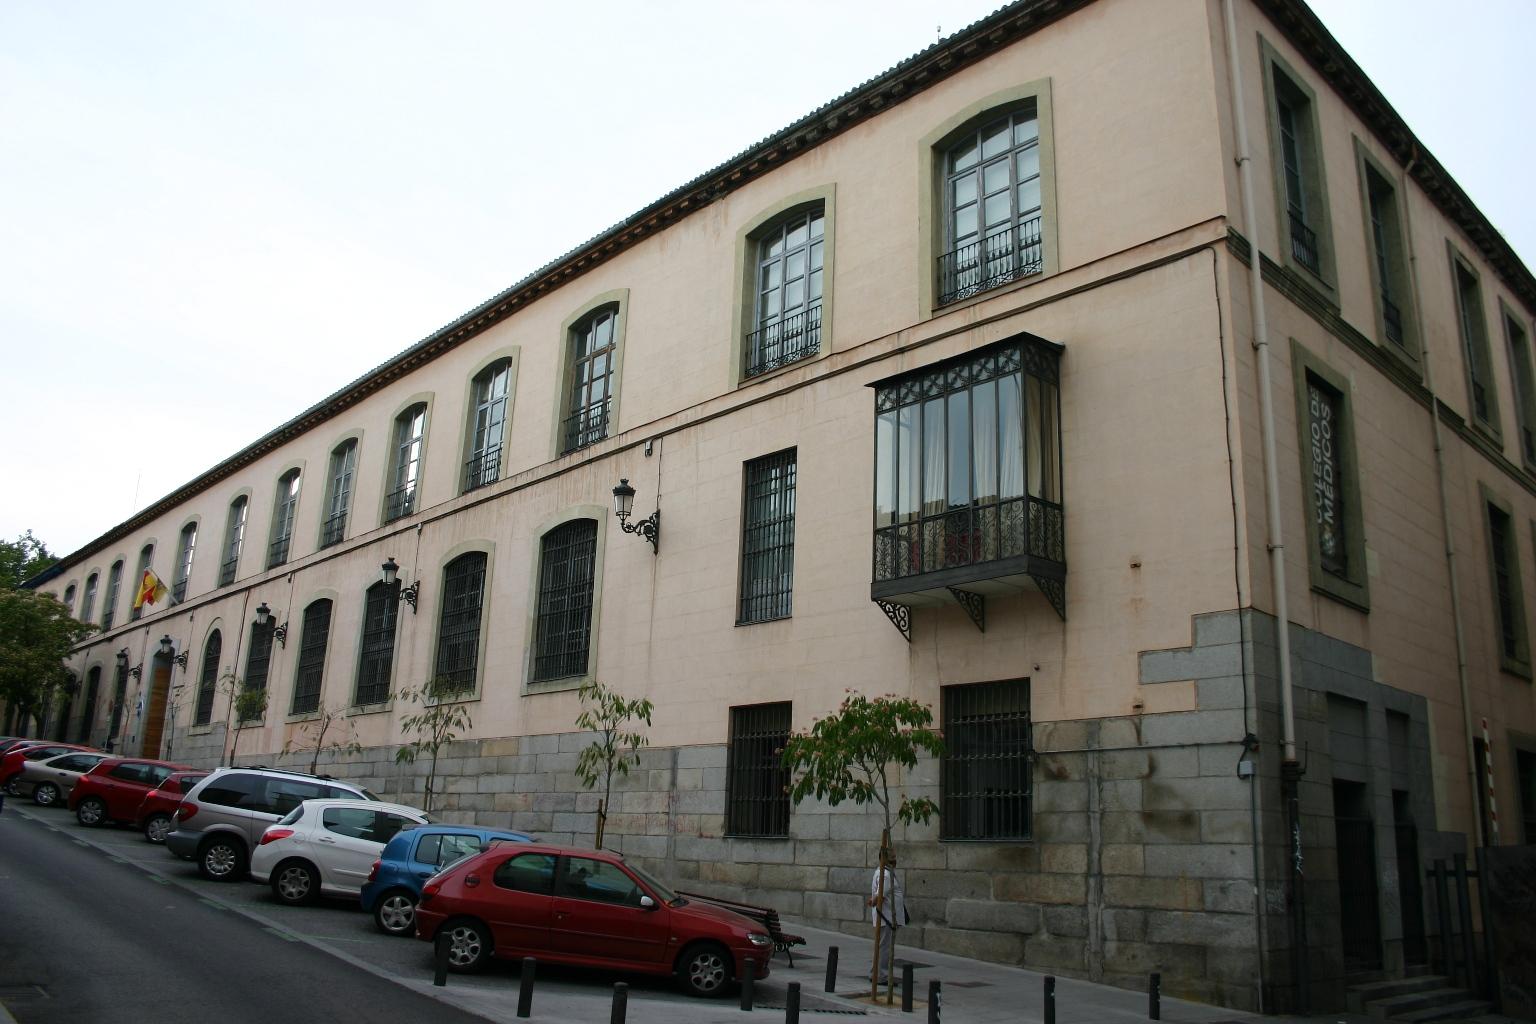 El colegio de m dicos de madrid propondr a la omc la - Colegio escolapias madrid ...